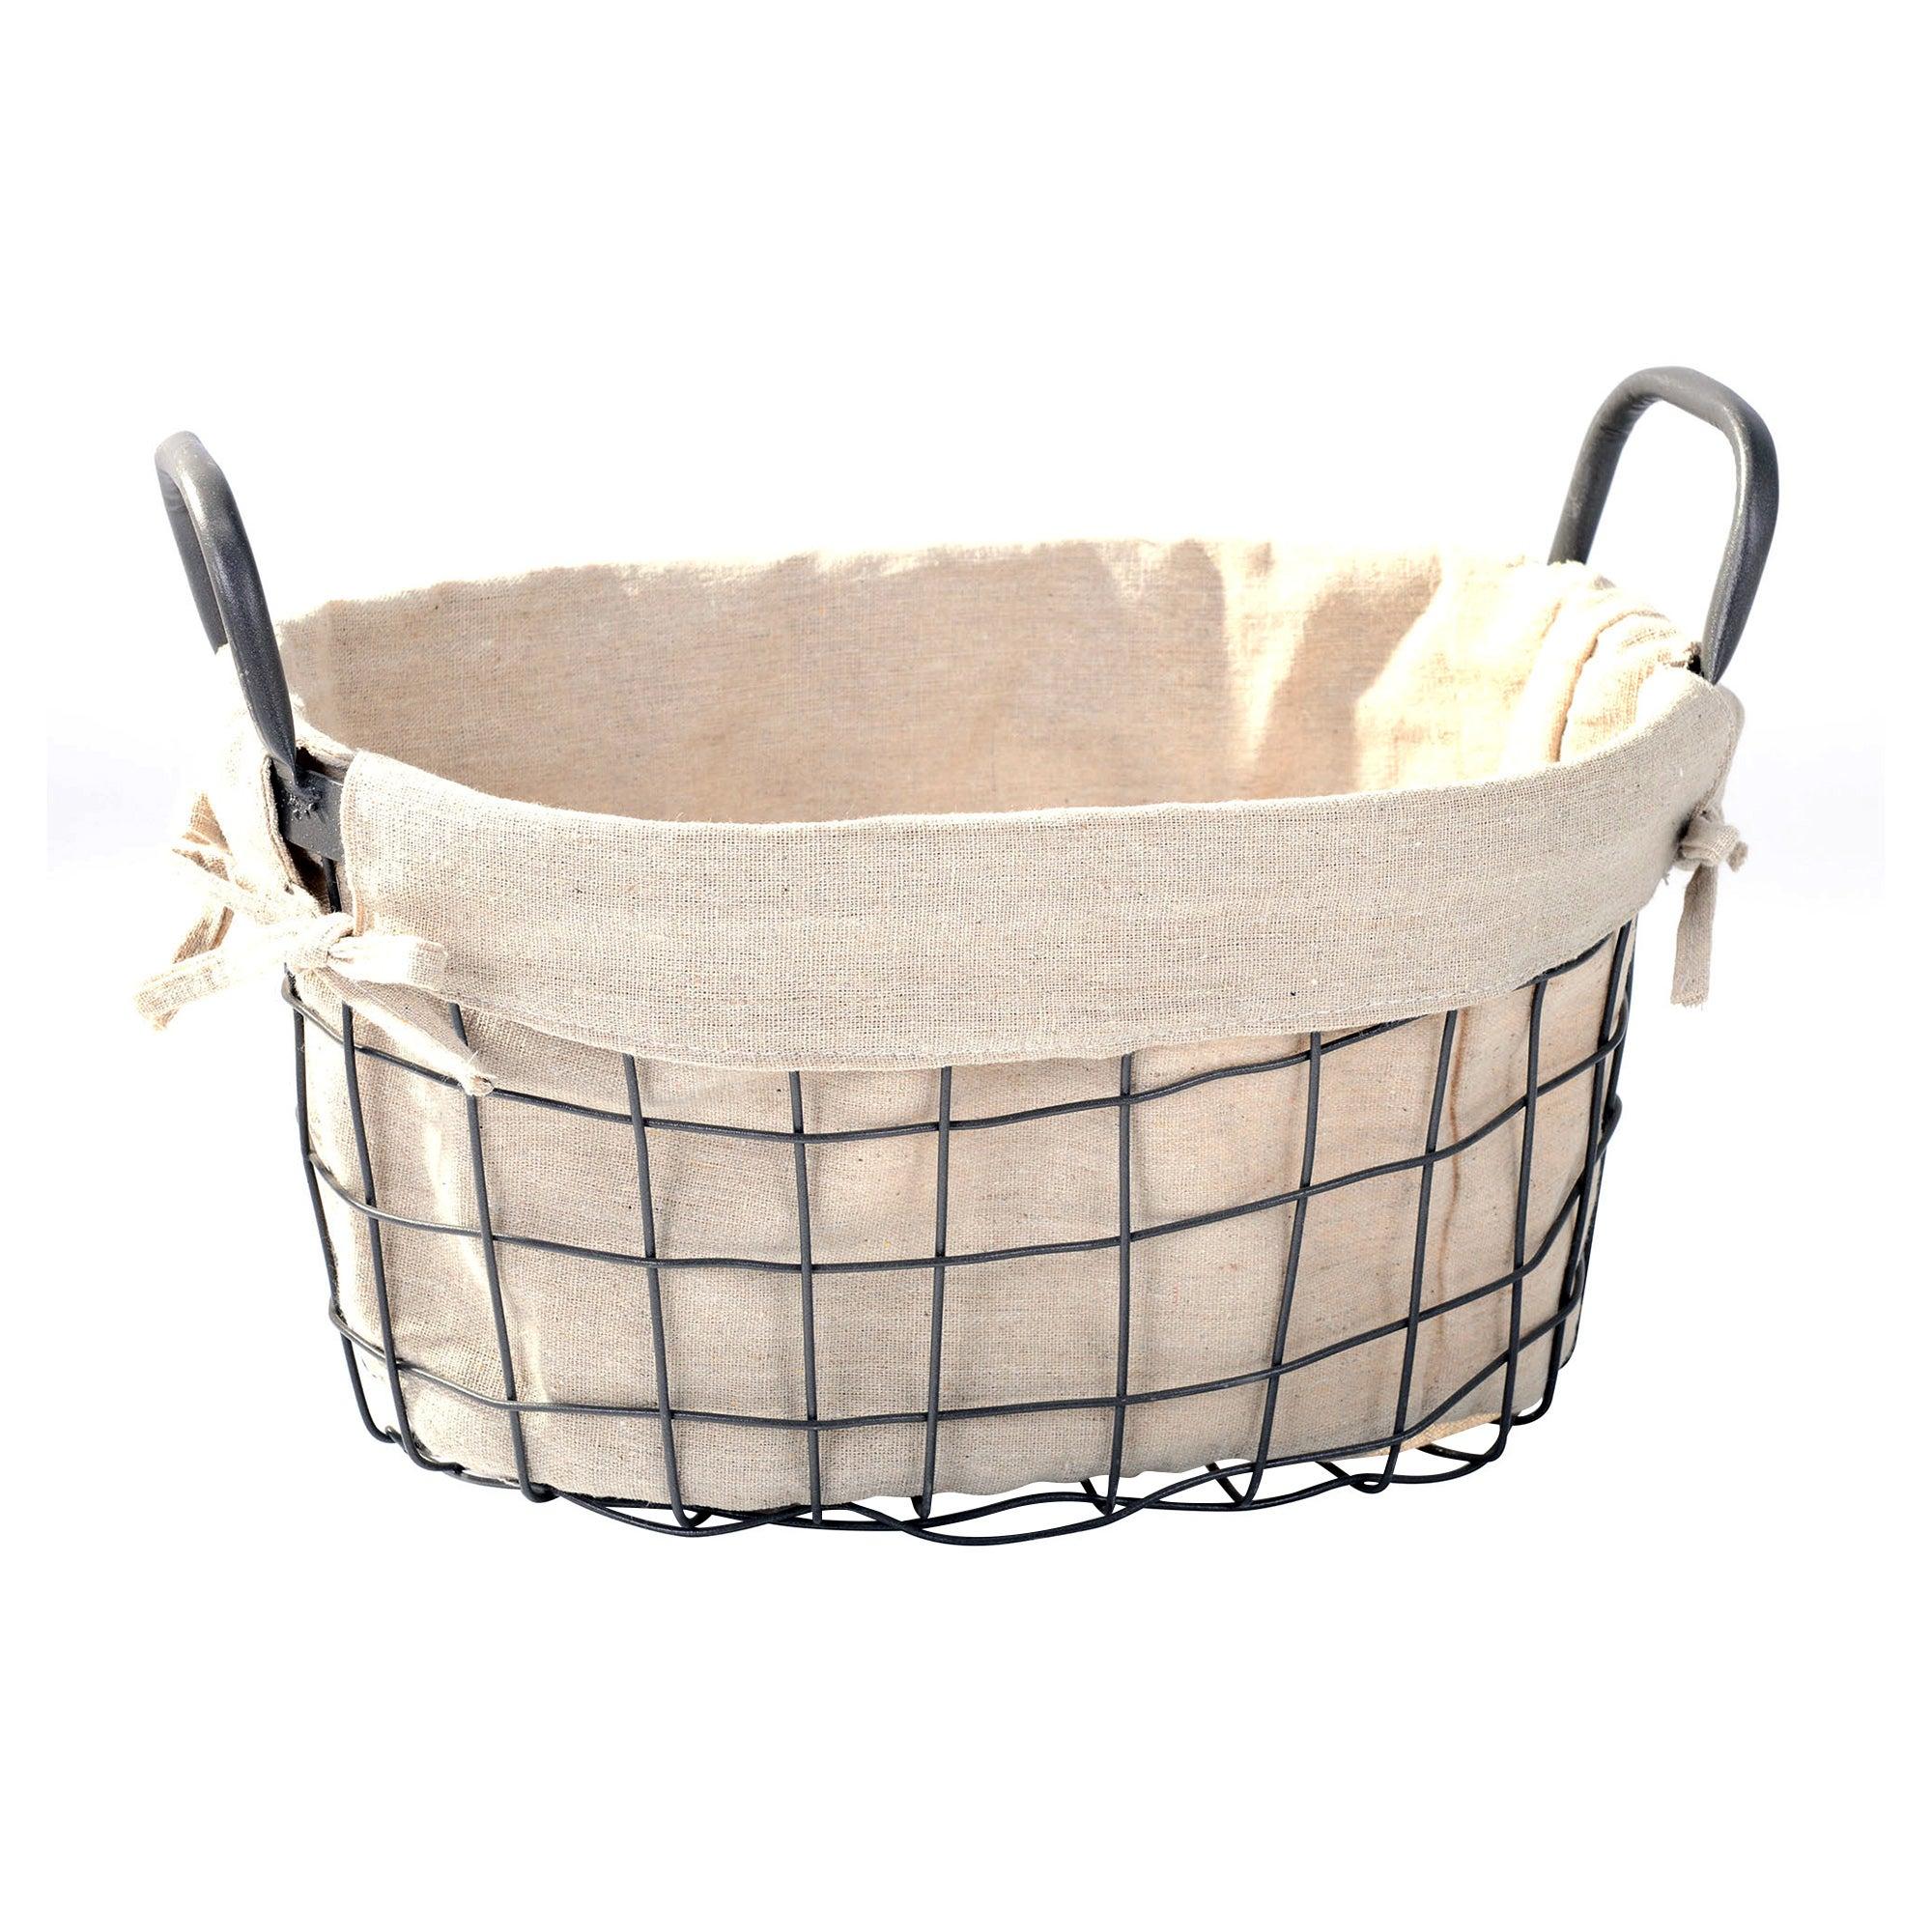 Oval Wire Storage Basket